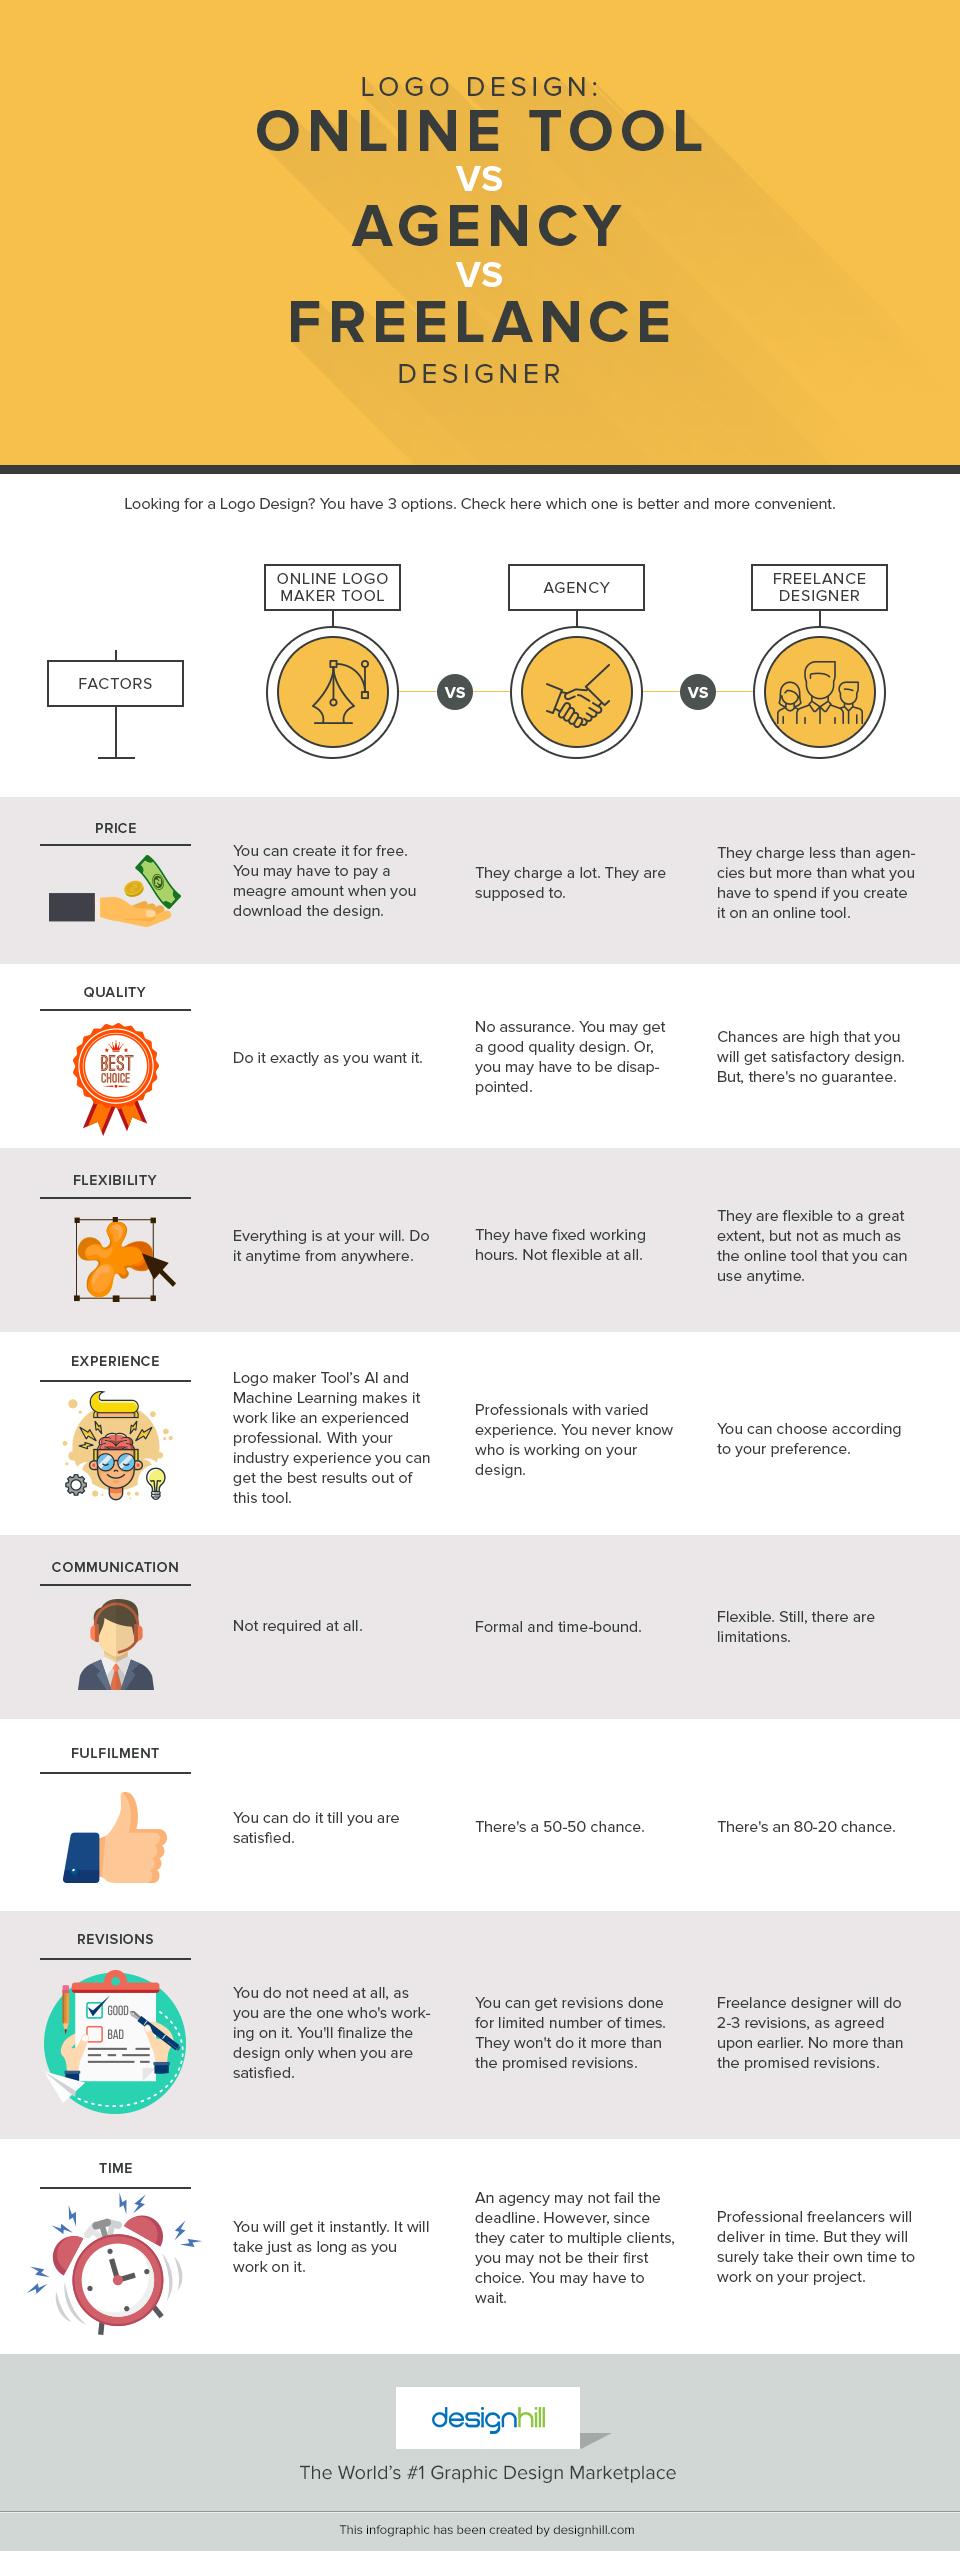 designer-vs-agency-vs-online-tool